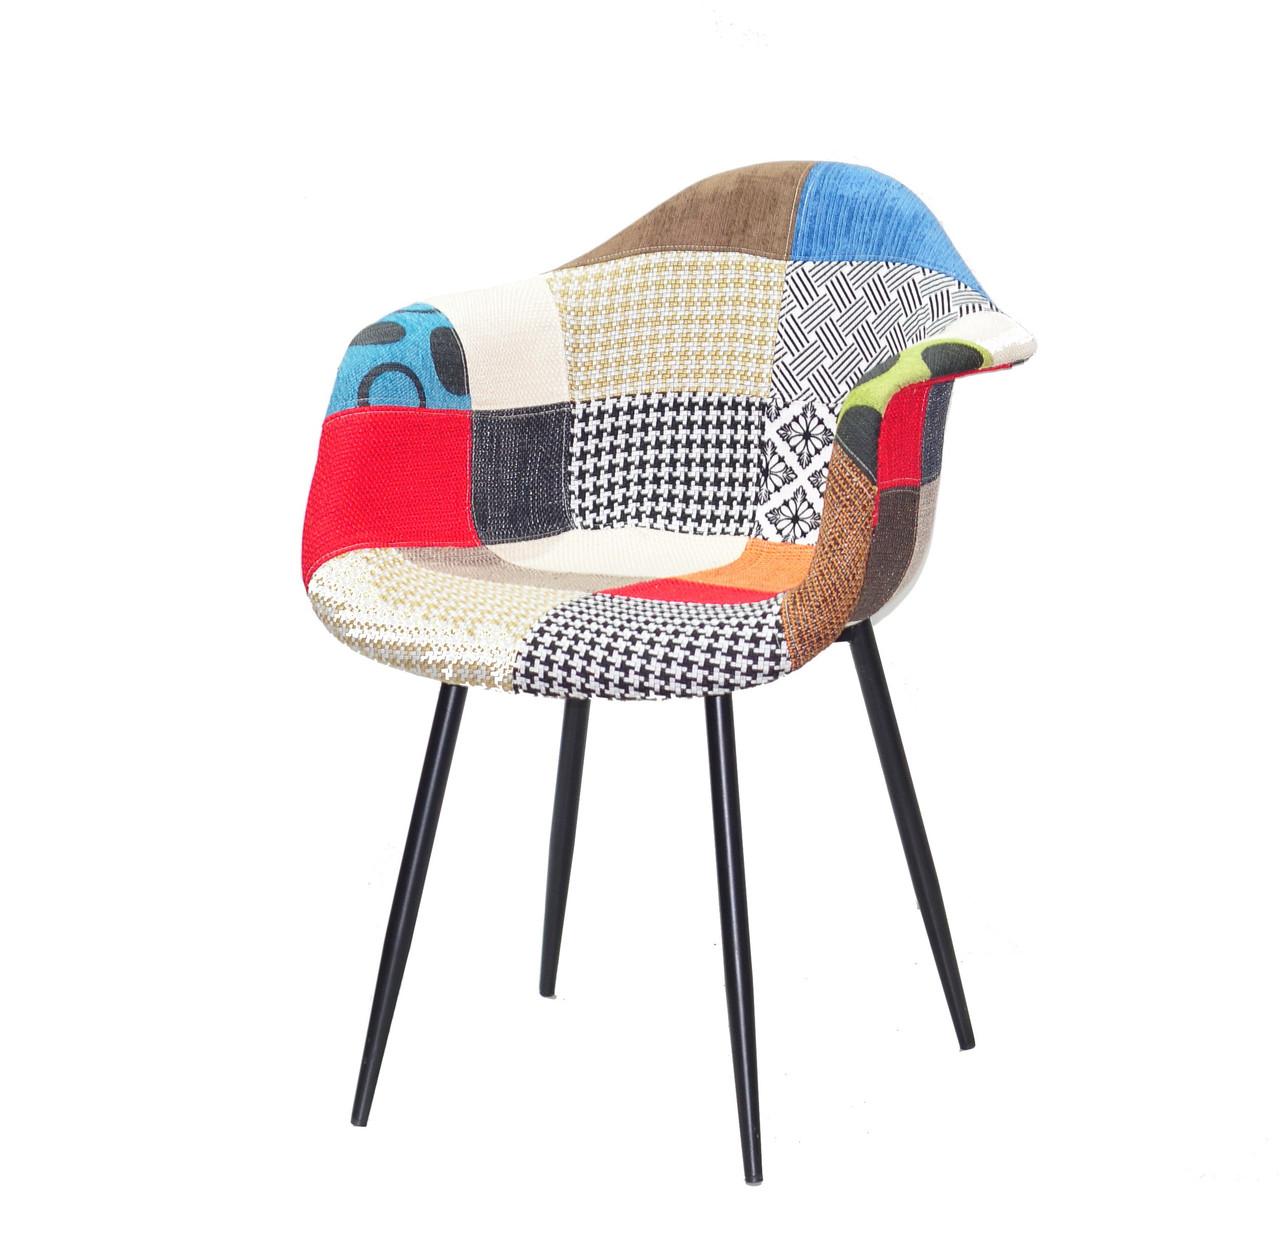 Крісло з підлокітниками на чорних металевих ніжках Leon у тканинній оббивці пэтчворк